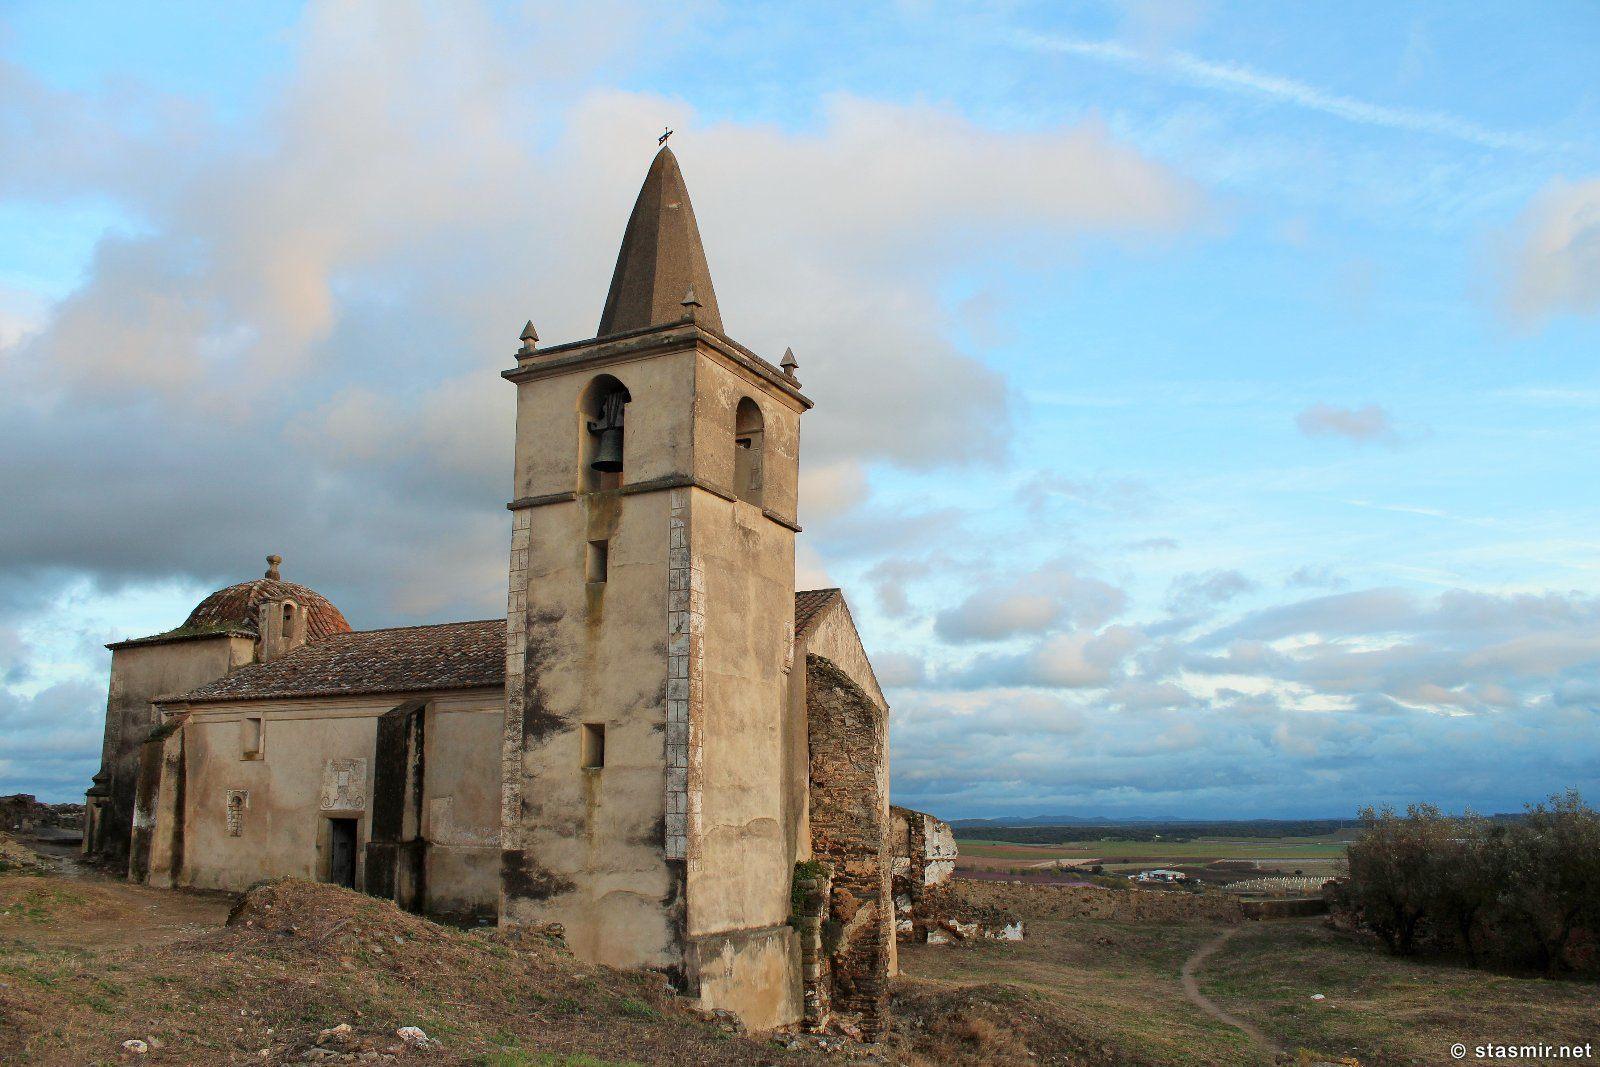 разрушенный замок Castelo de Juromenha - самое интересное, что я видел в Алентежу, Португалии, фото Стасмир, photo Stasmir